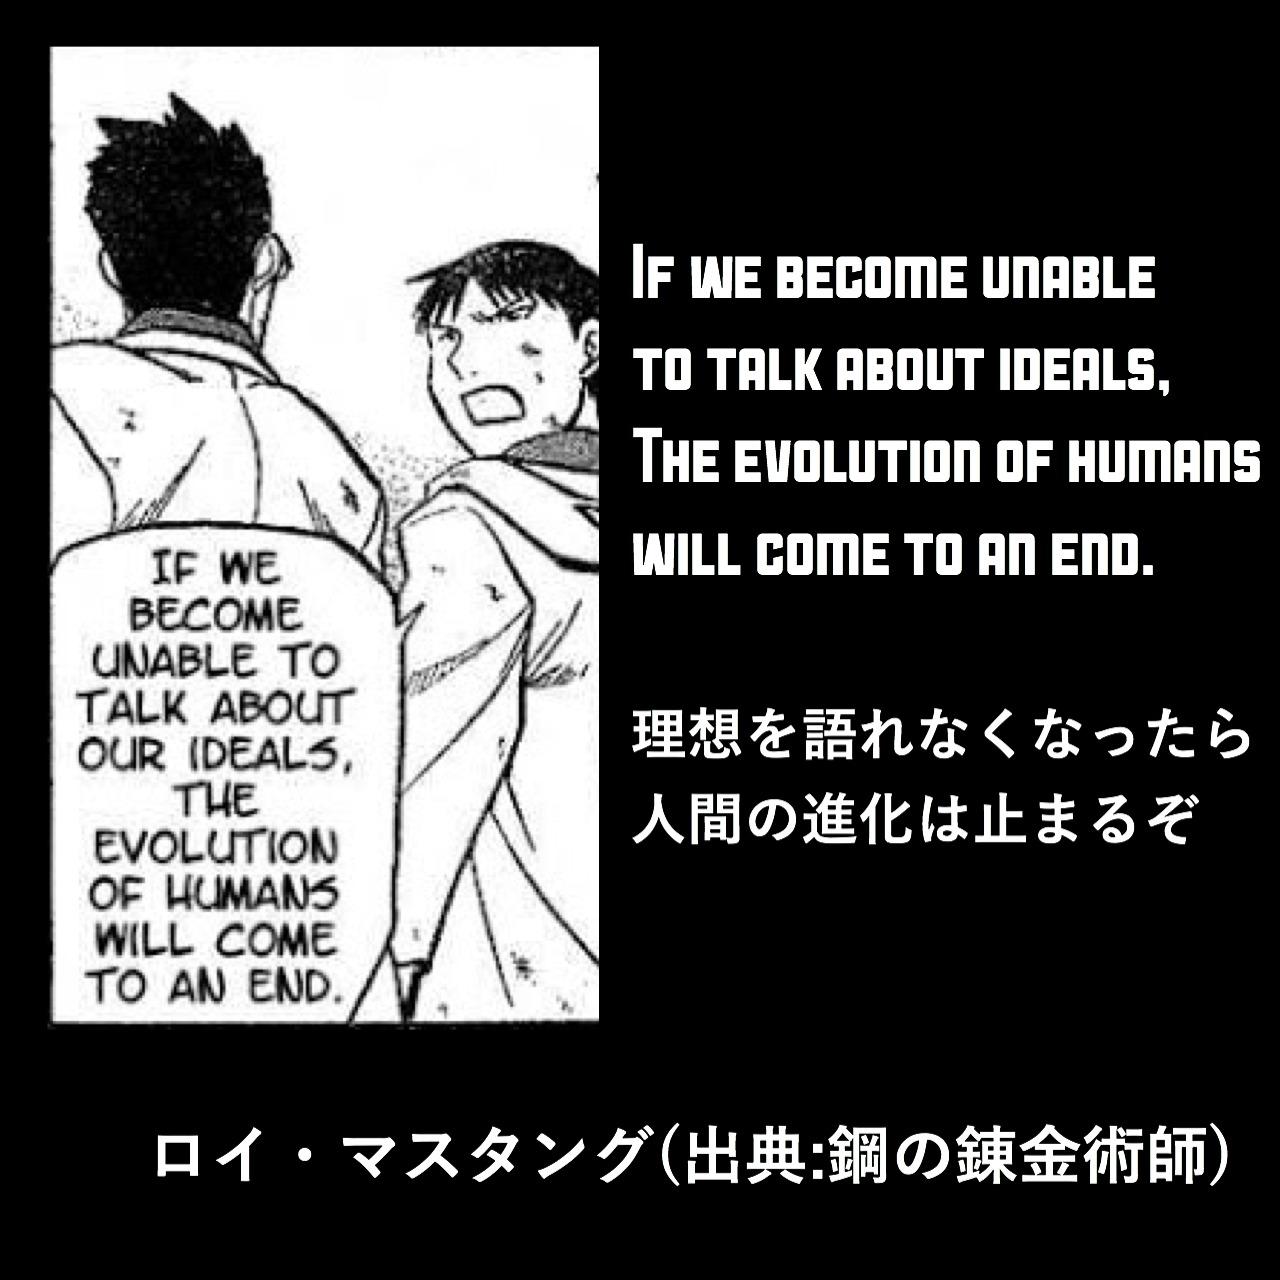 理想を語れなくなったら、人間の進化は止まるぞ / ロイ・マスタング(出典:鋼の錬金術師)